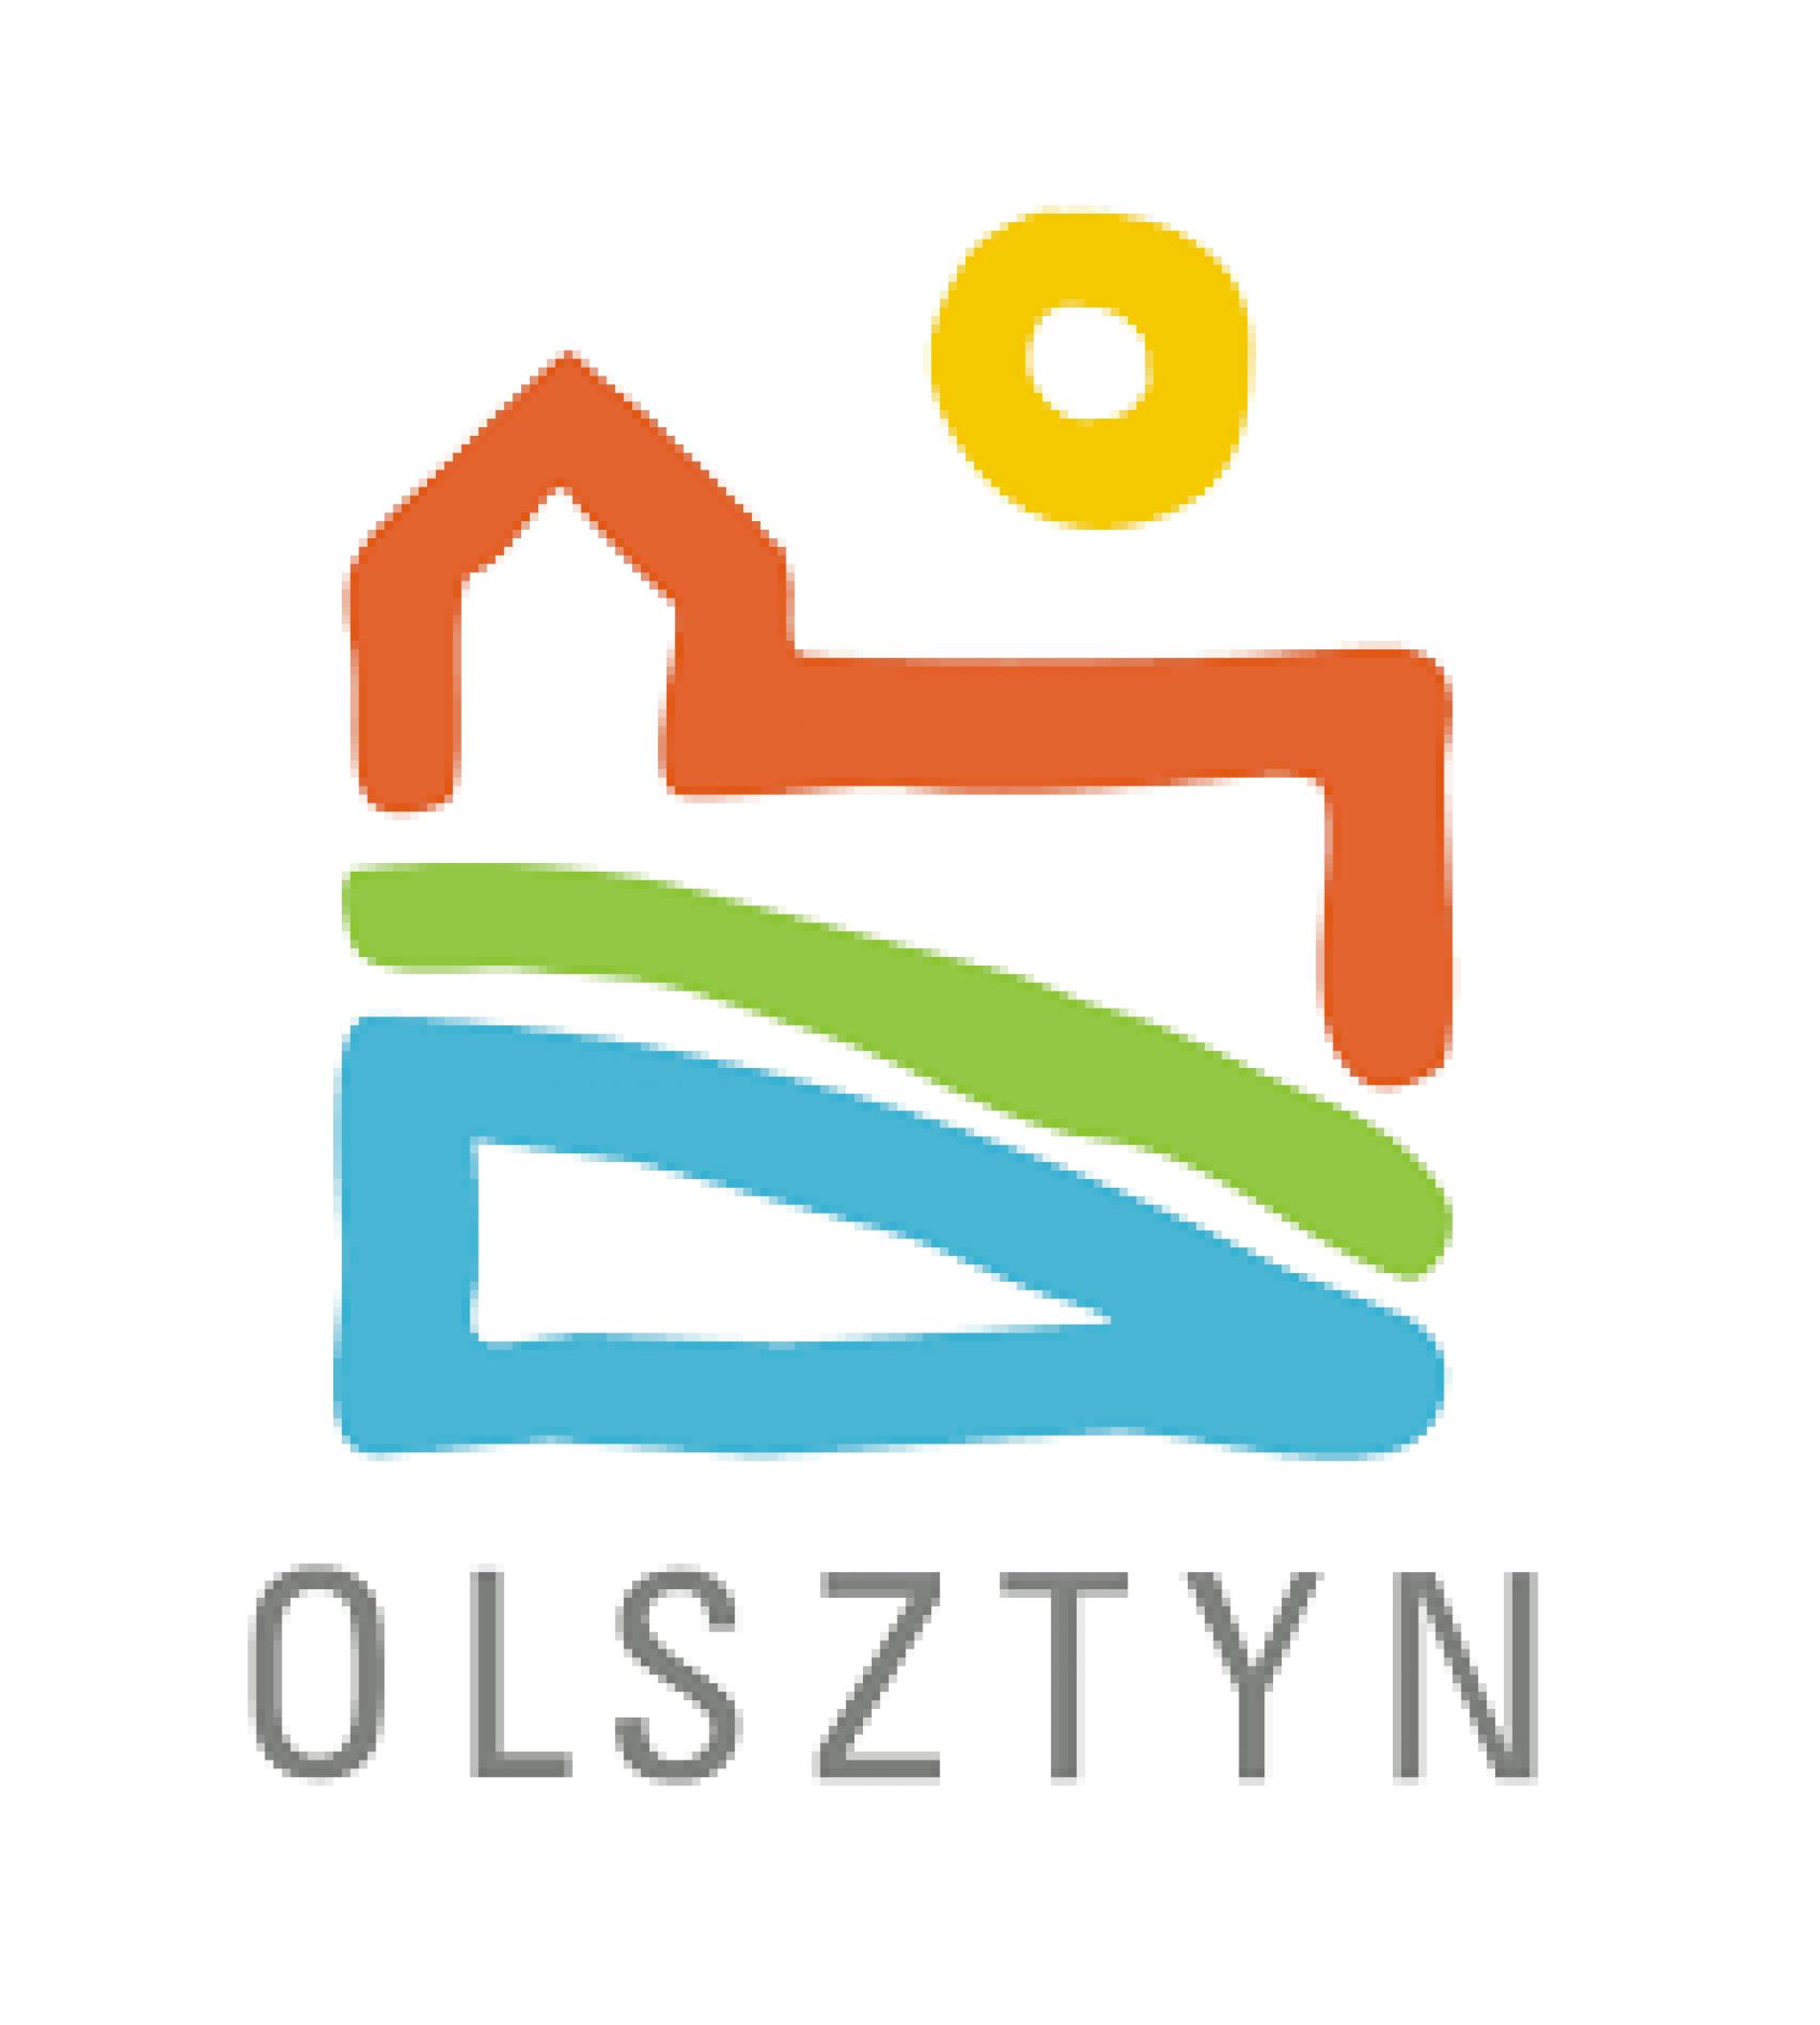 Jutro zostanie rozstrzygnięty konkurs na pamiątkę z Olsztyna